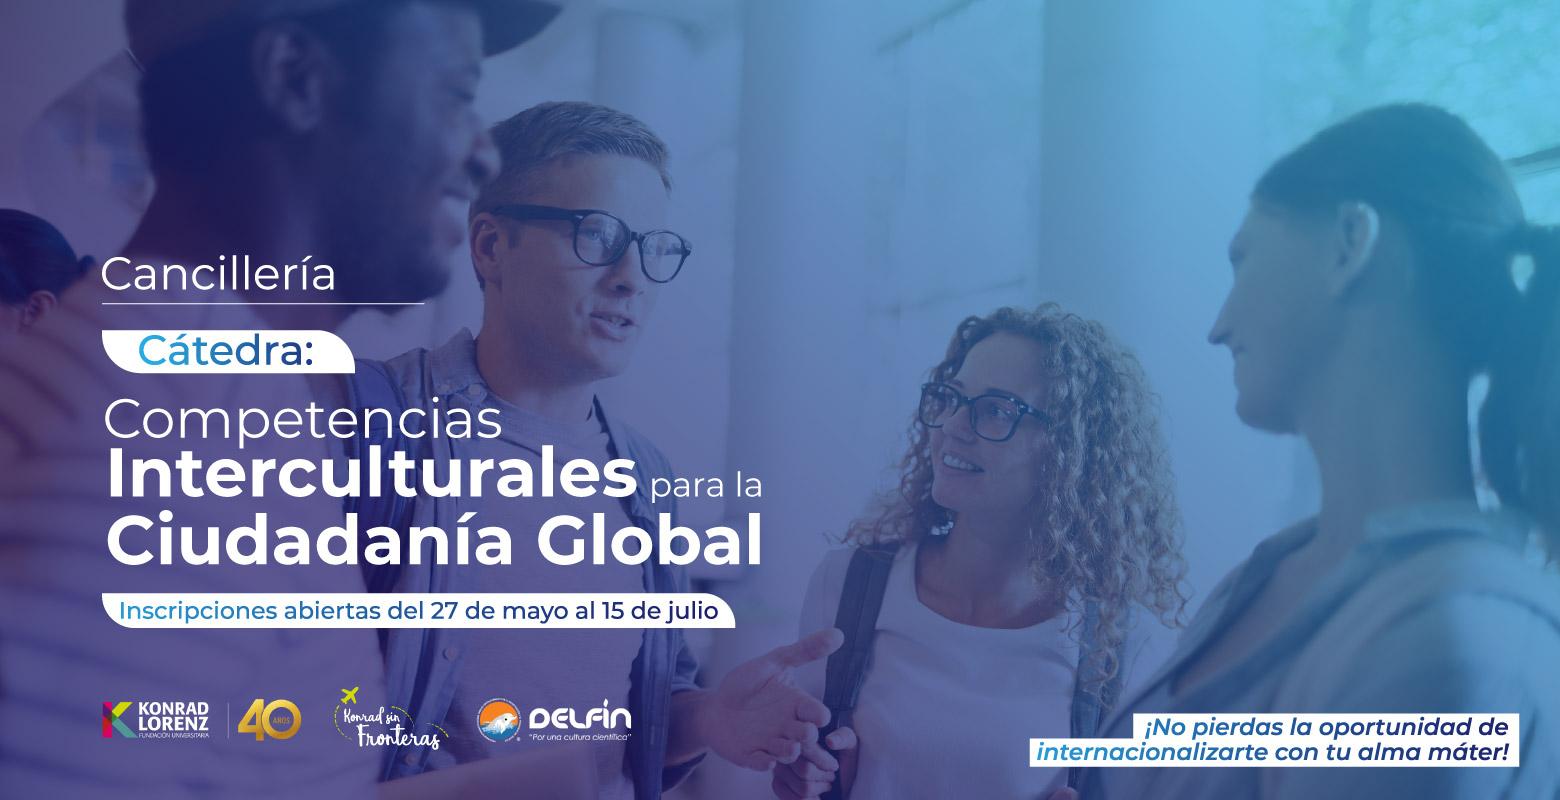 Cátedra: Competencias Interculturales para la Ciudadanía Global